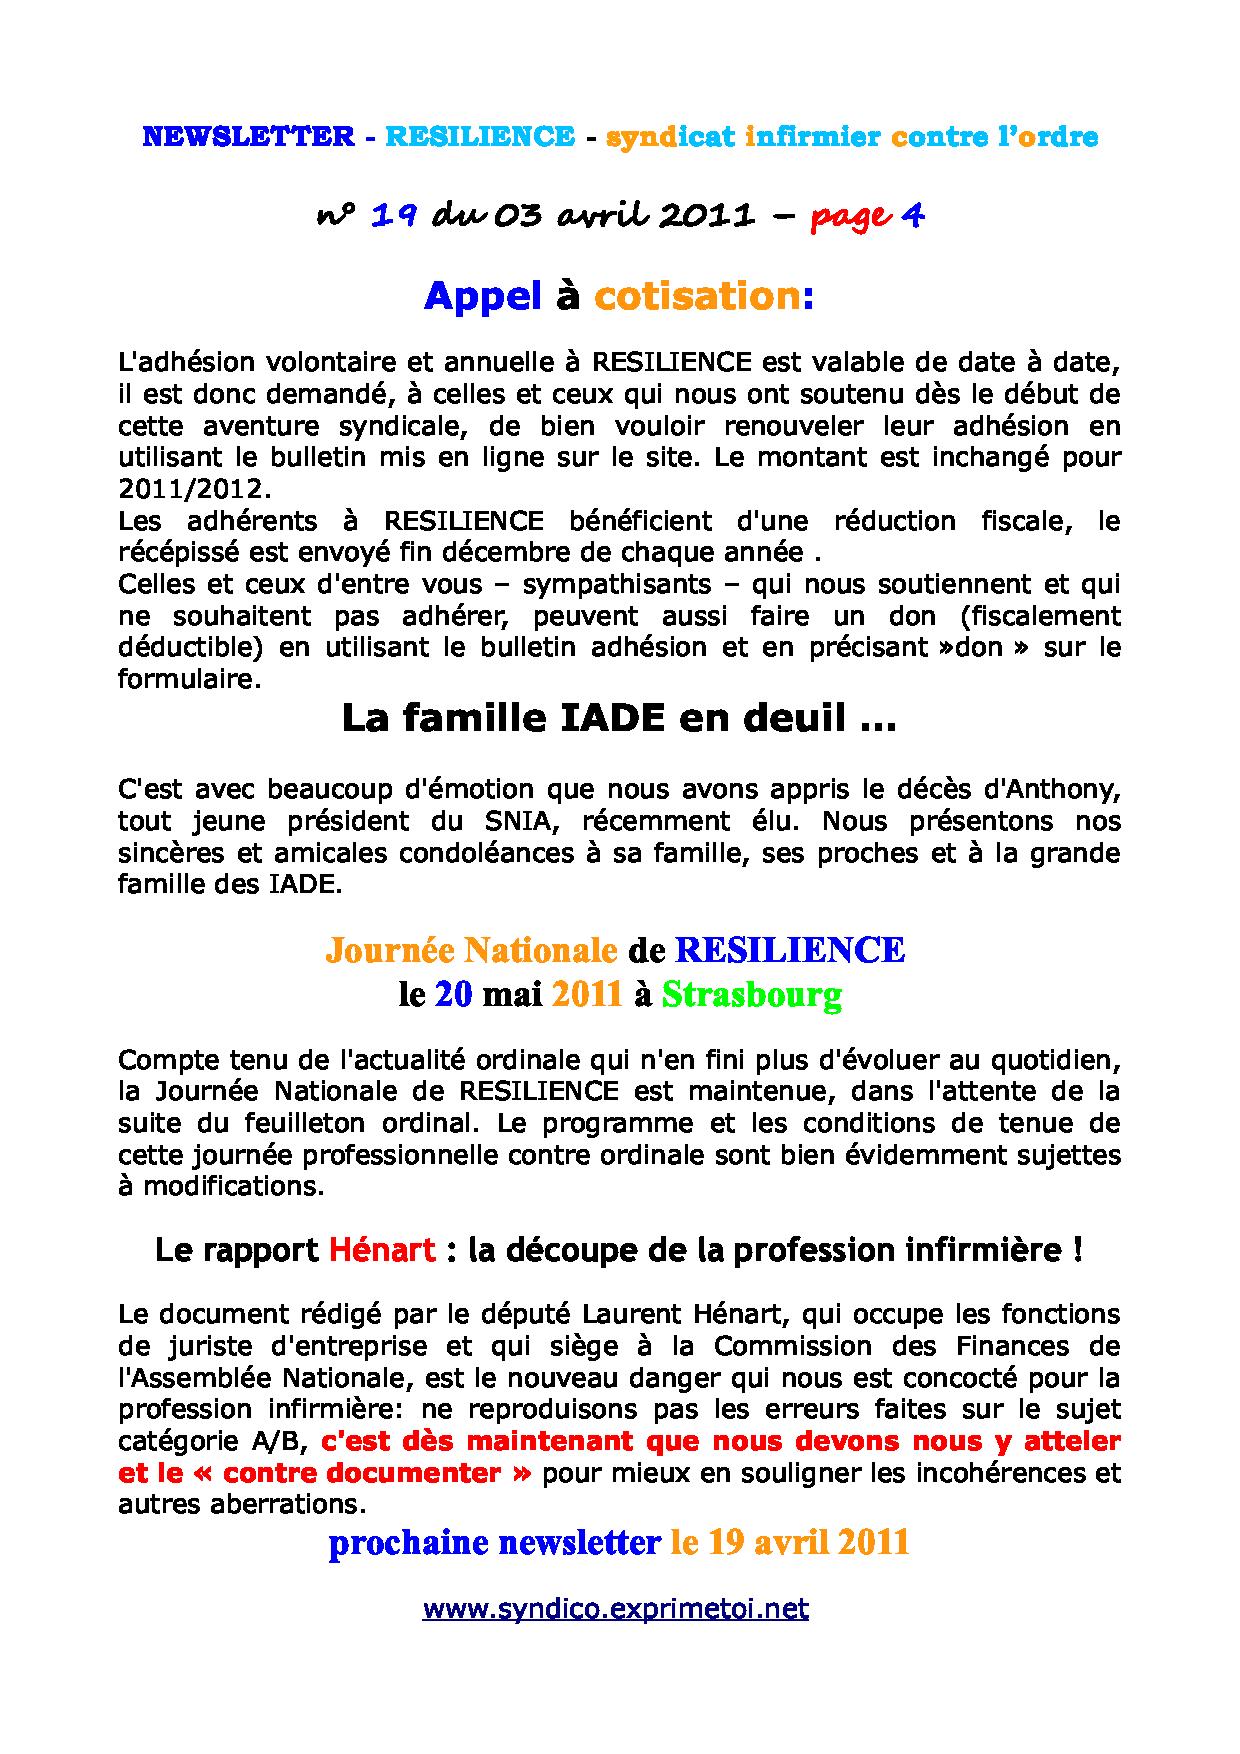 Newsletter RESILIENCE n°19 du 03 avril 2011 1104030214171139707930312